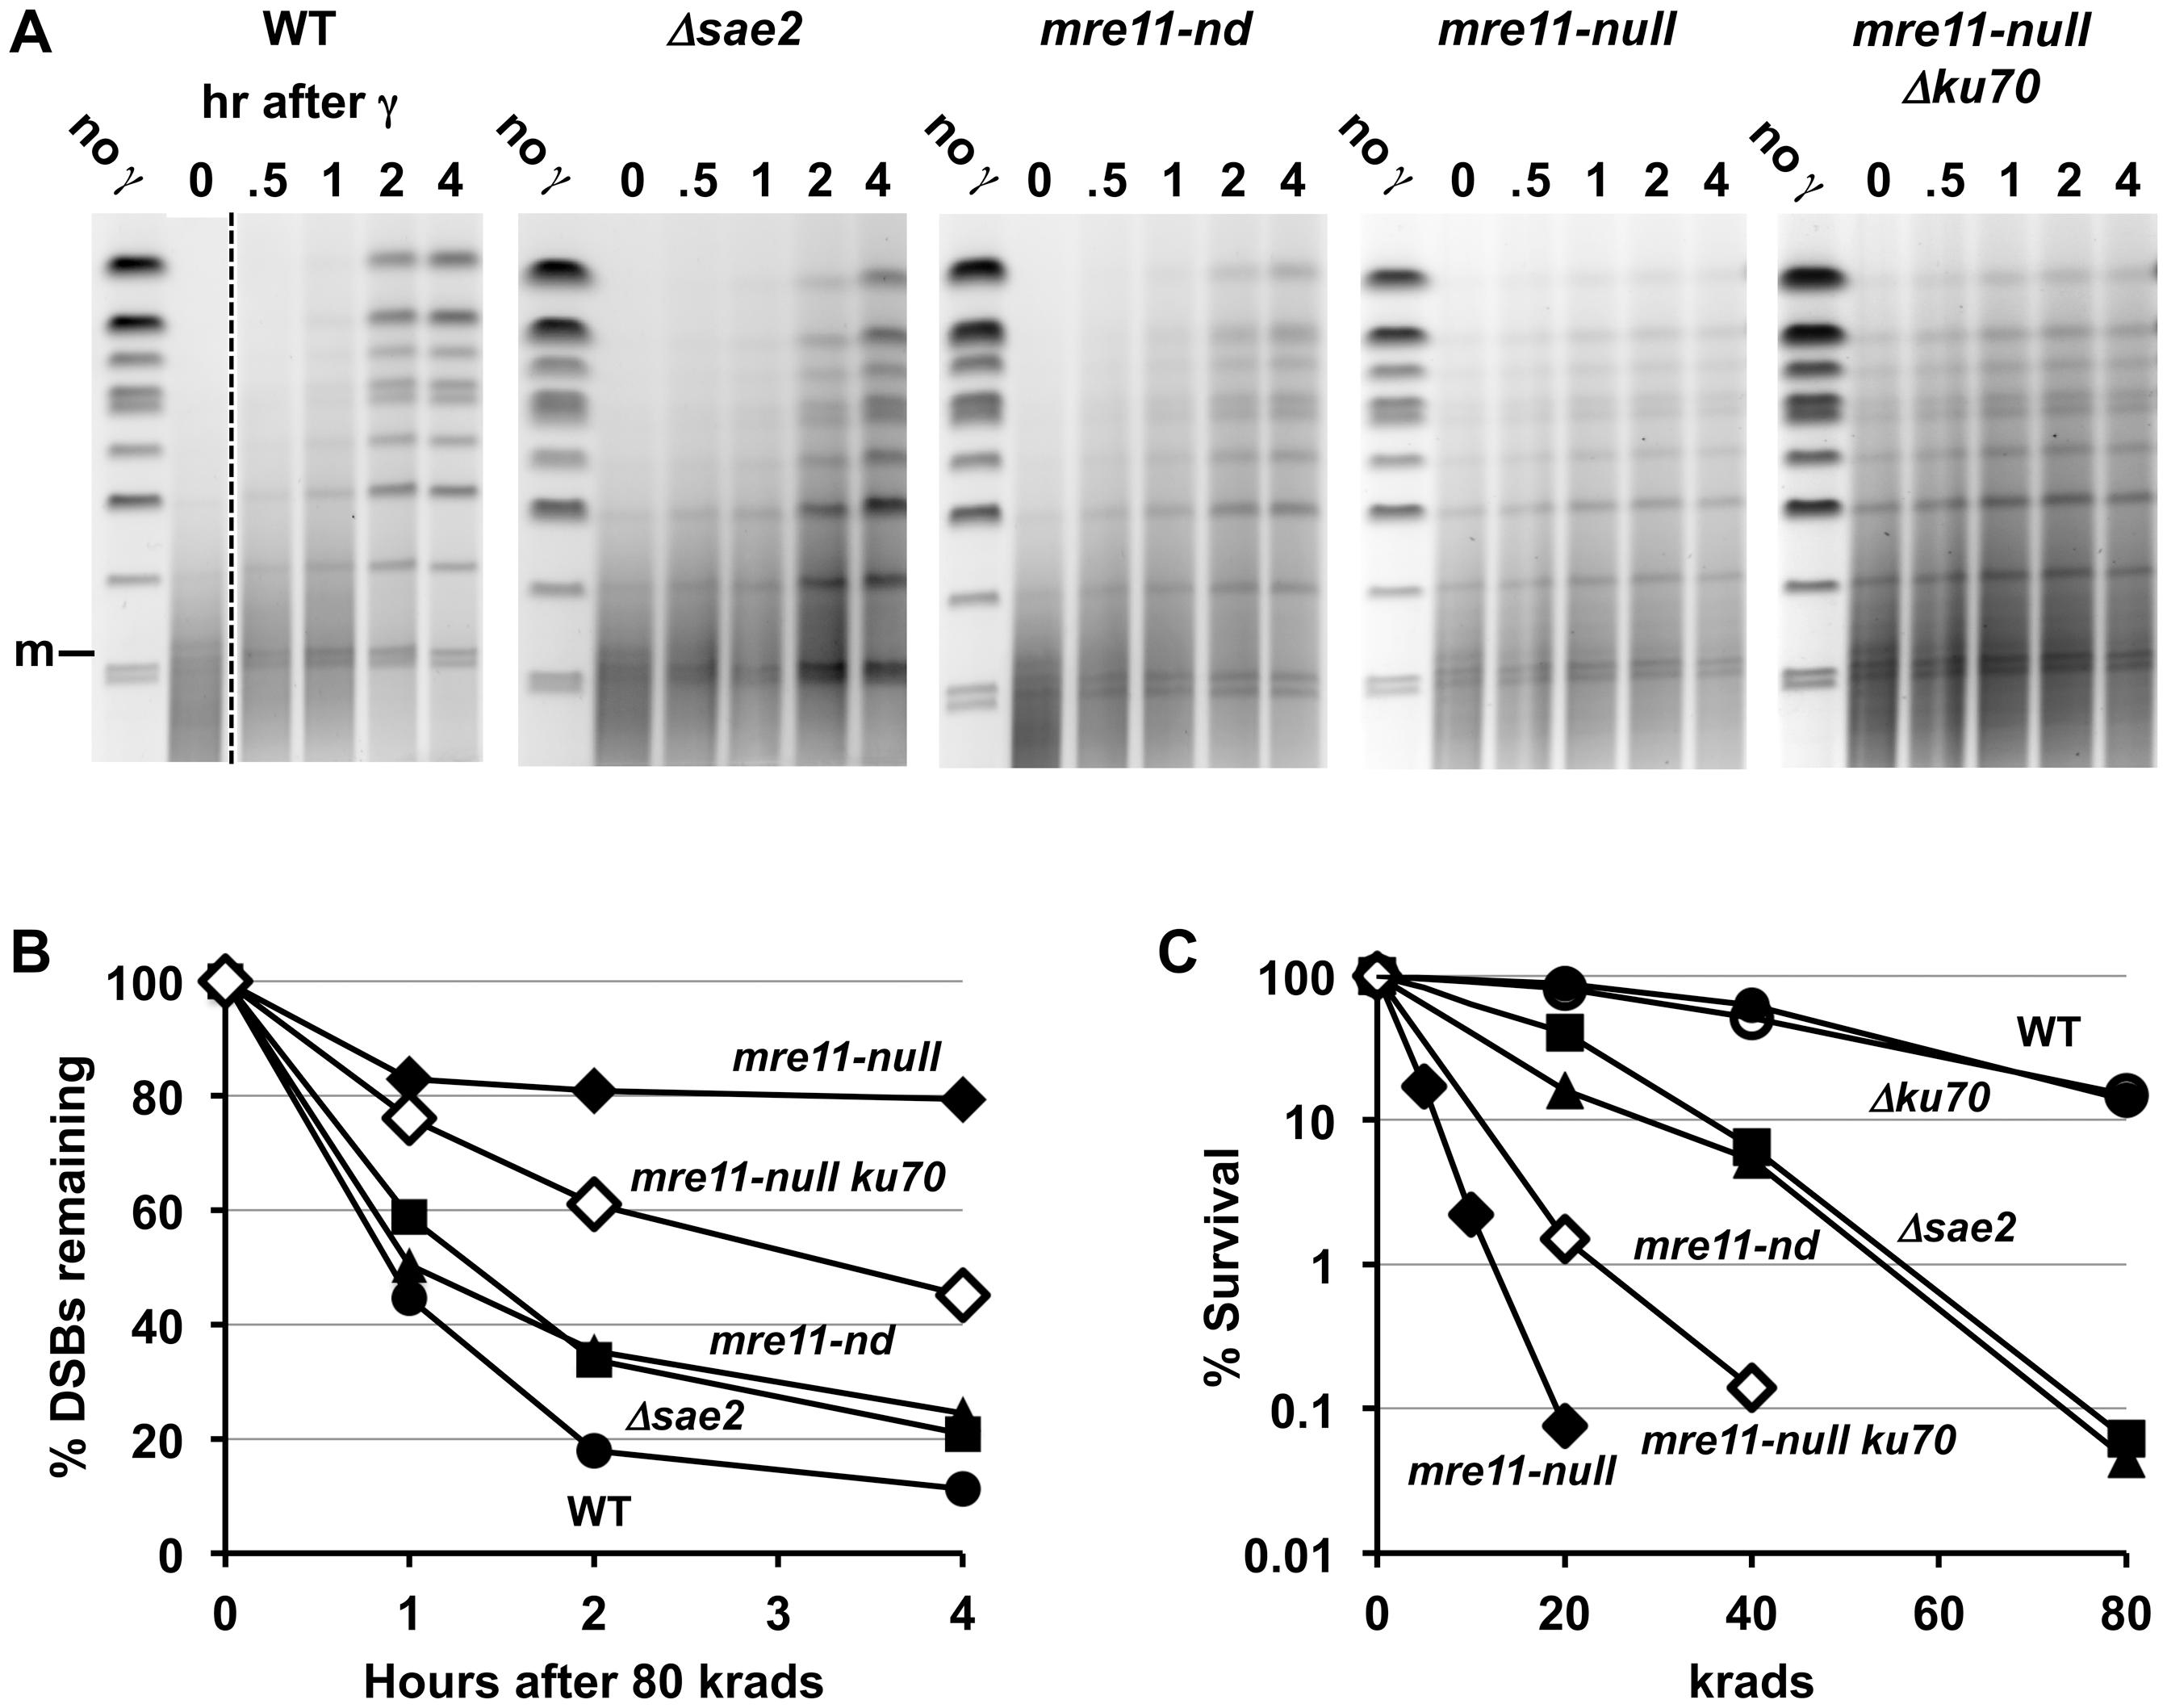 Impact of Δ<i>sae2</i> and <i>mre11-nd</i> mutations on repair of IR-induced DSBs.